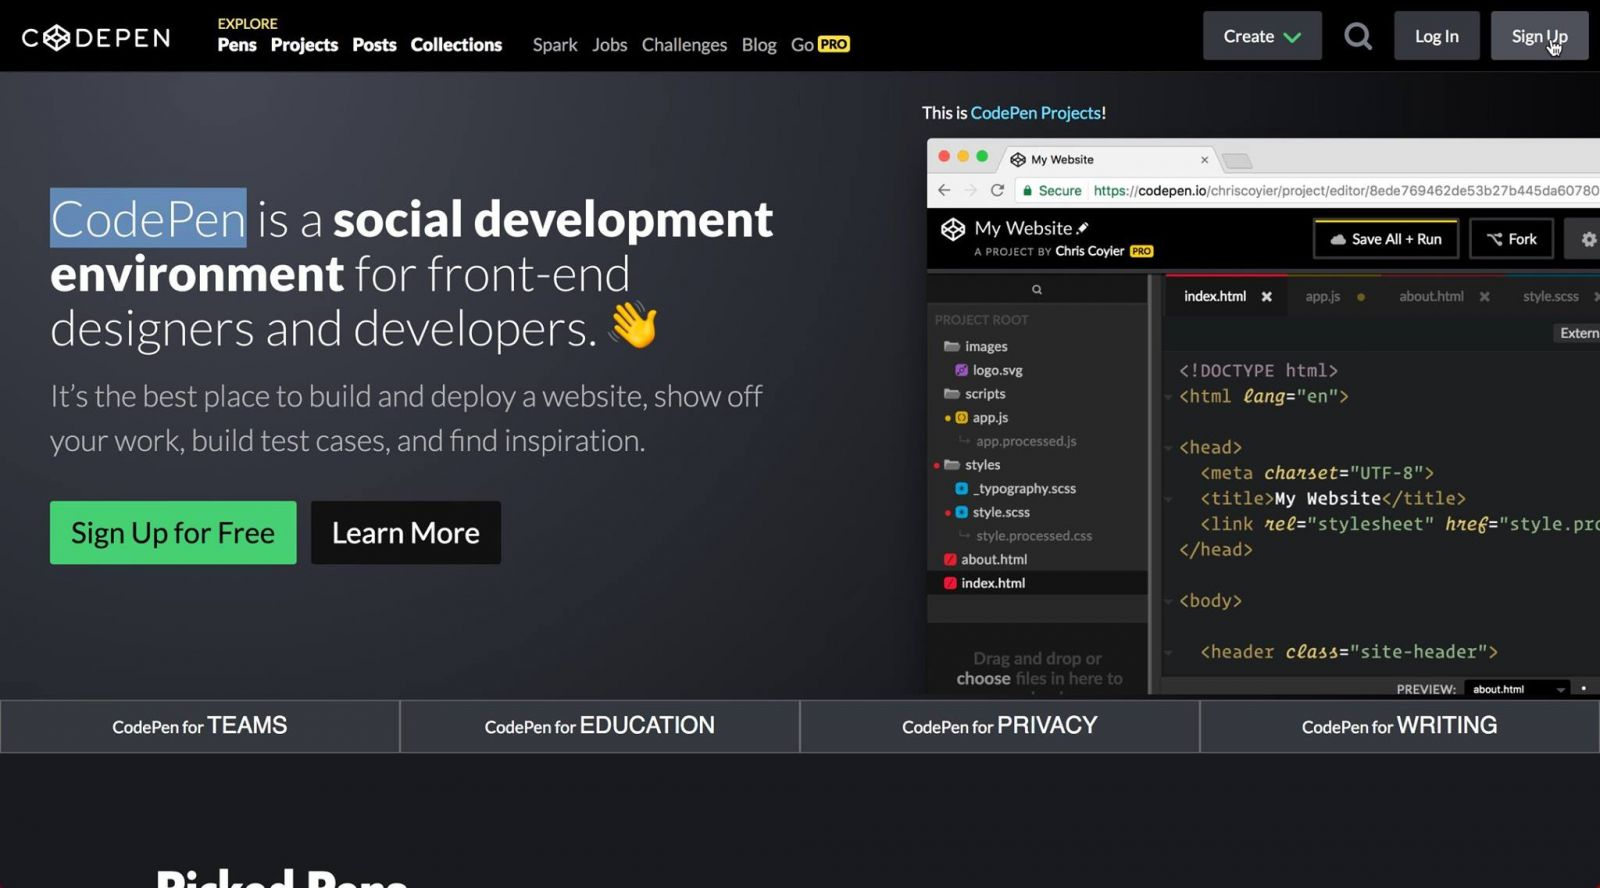 แนะนำ 5 เครื่องมือสำหรับนักพัฒนาเว็บ ใช้งานออนไลน์บนเว็บได้เลย